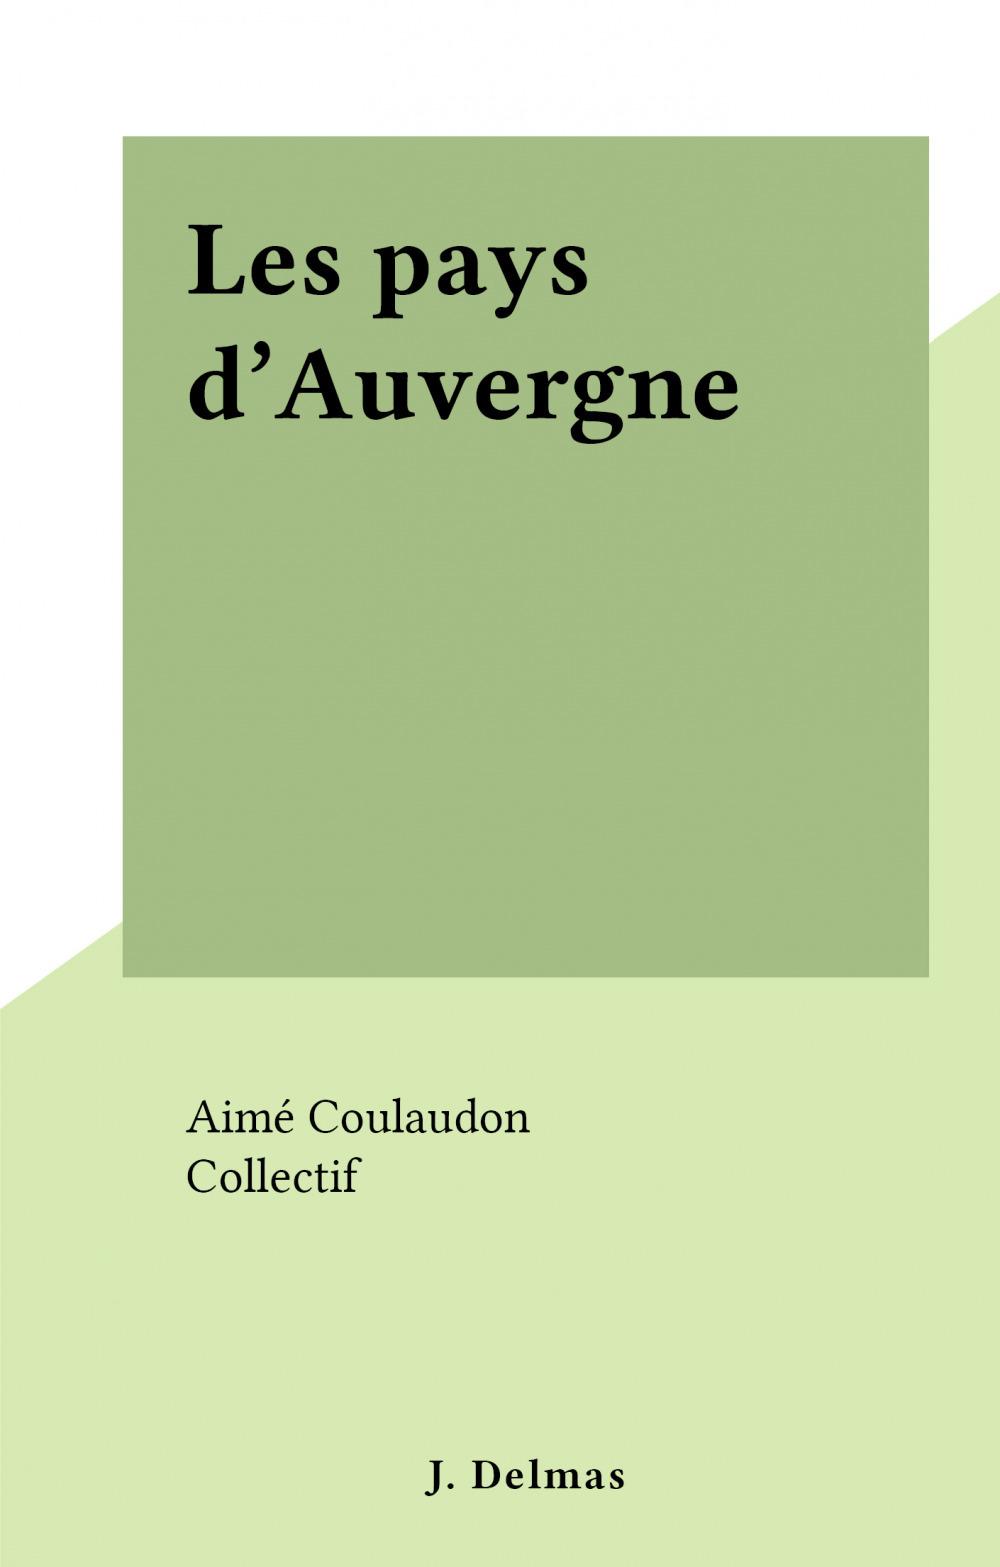 Les pays d'Auvergne  - Aimé Coulaudon